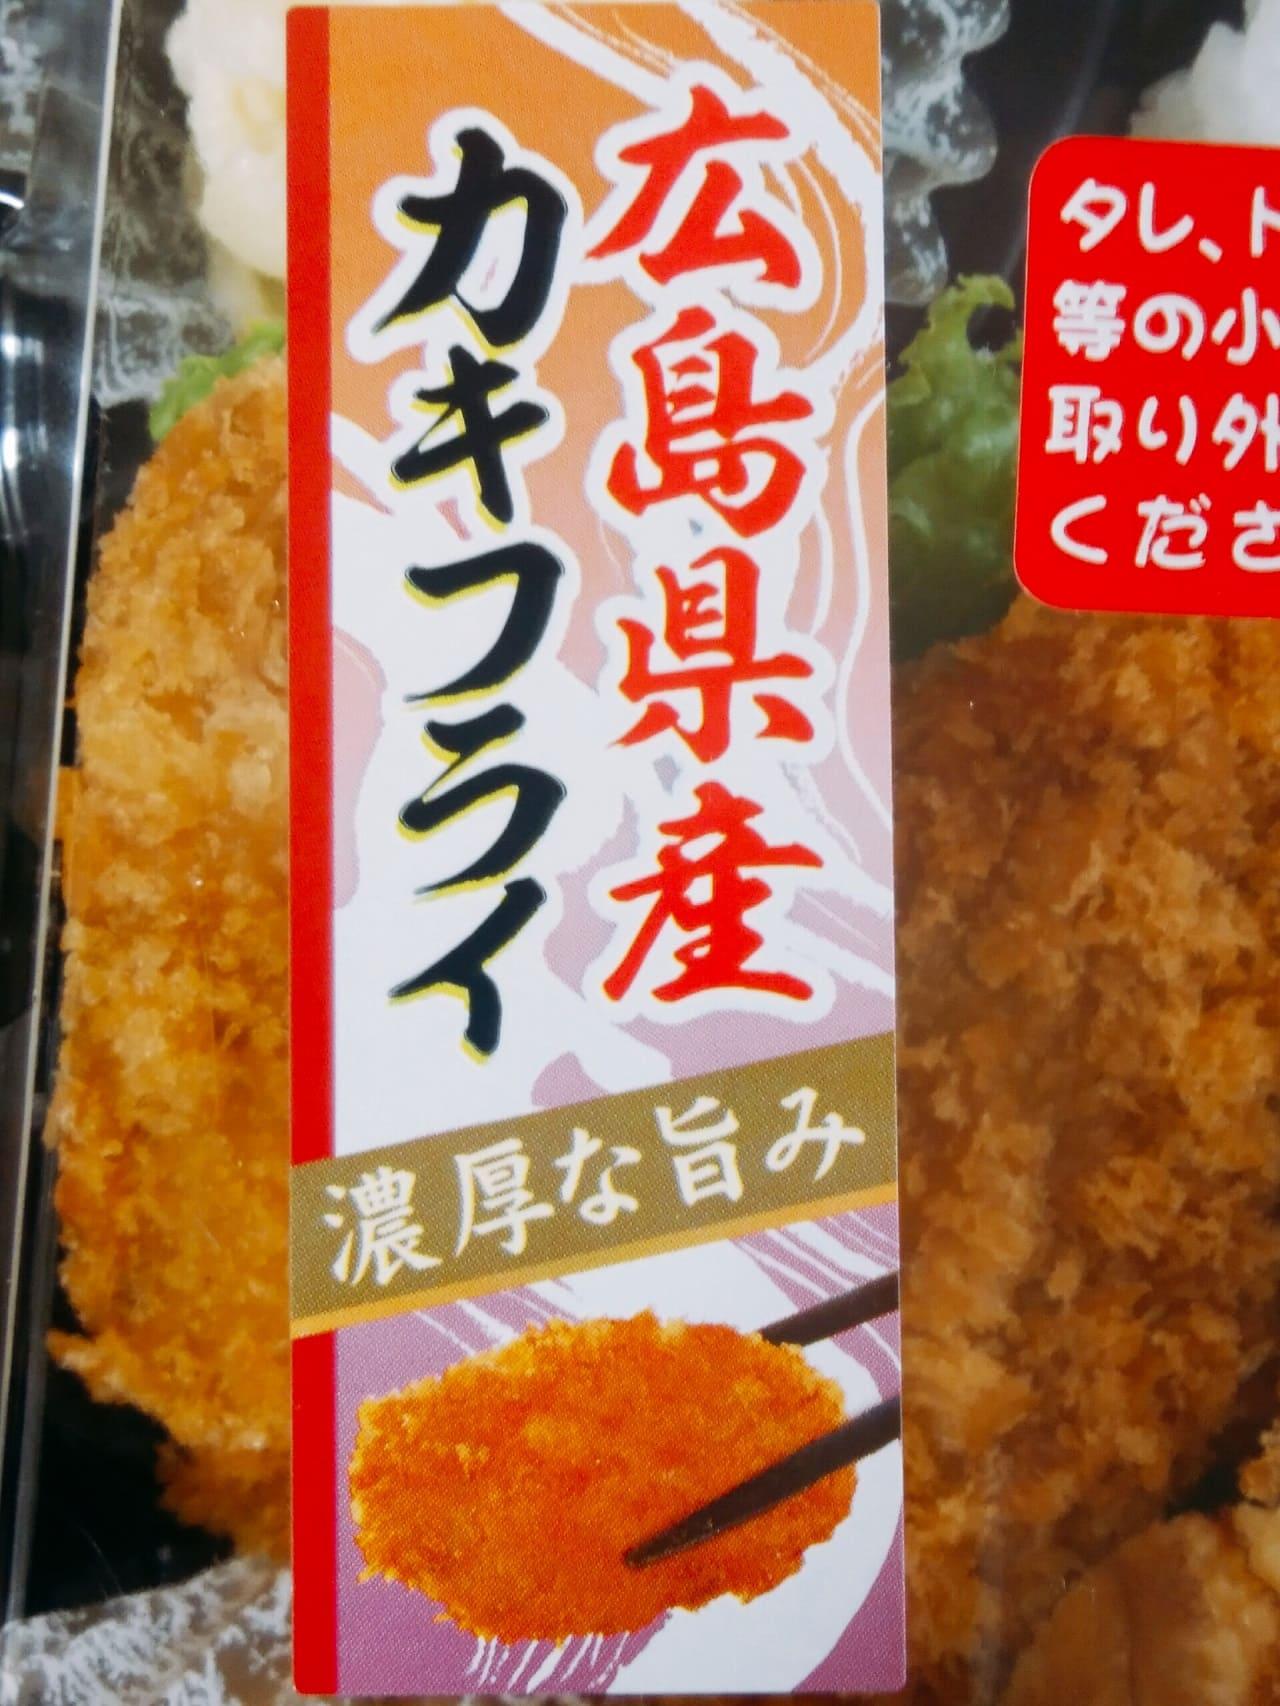 カキフライは広島県産